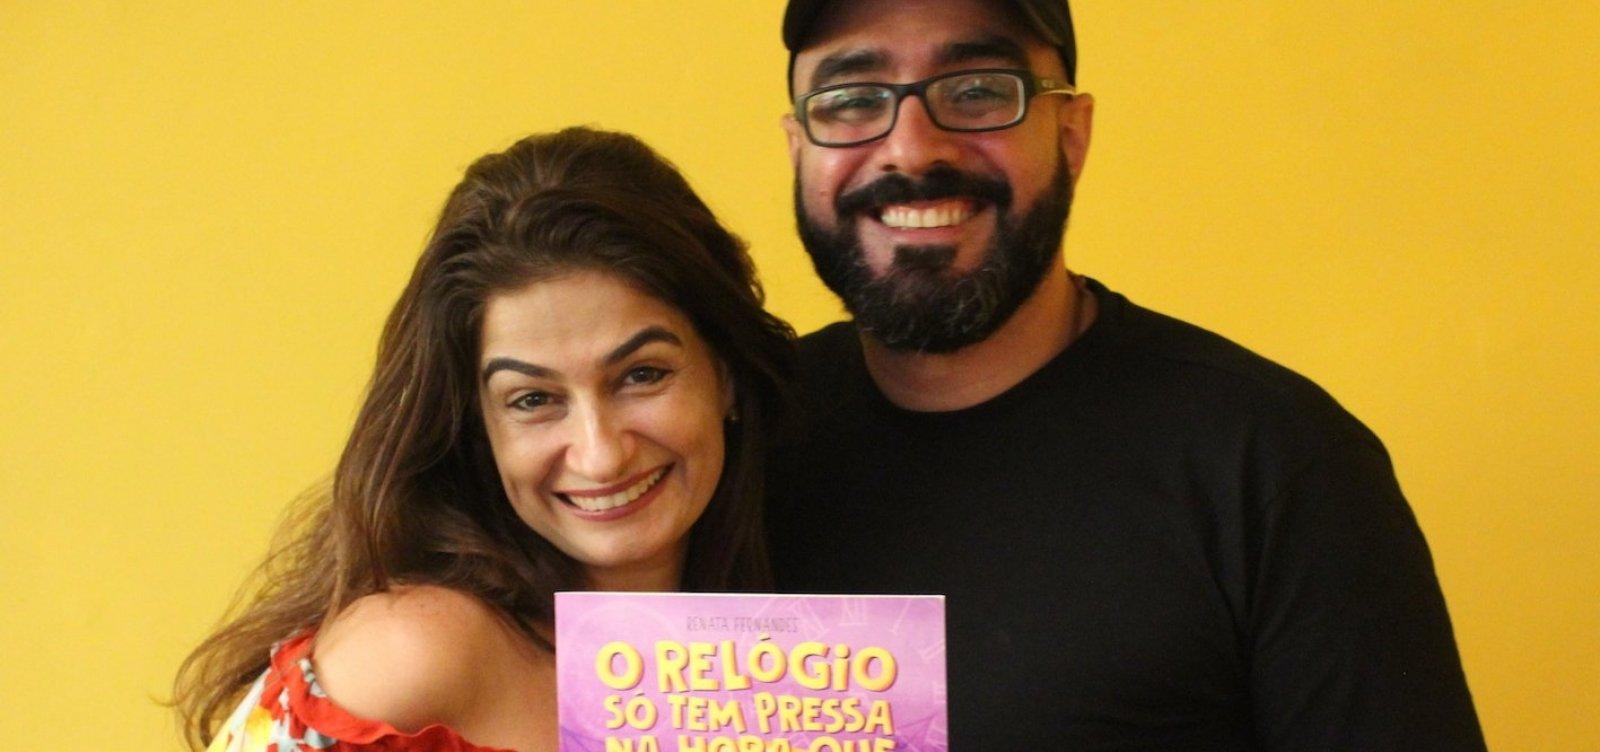 [Escritora Renata Fernandes lança livro infantil neste domingo]